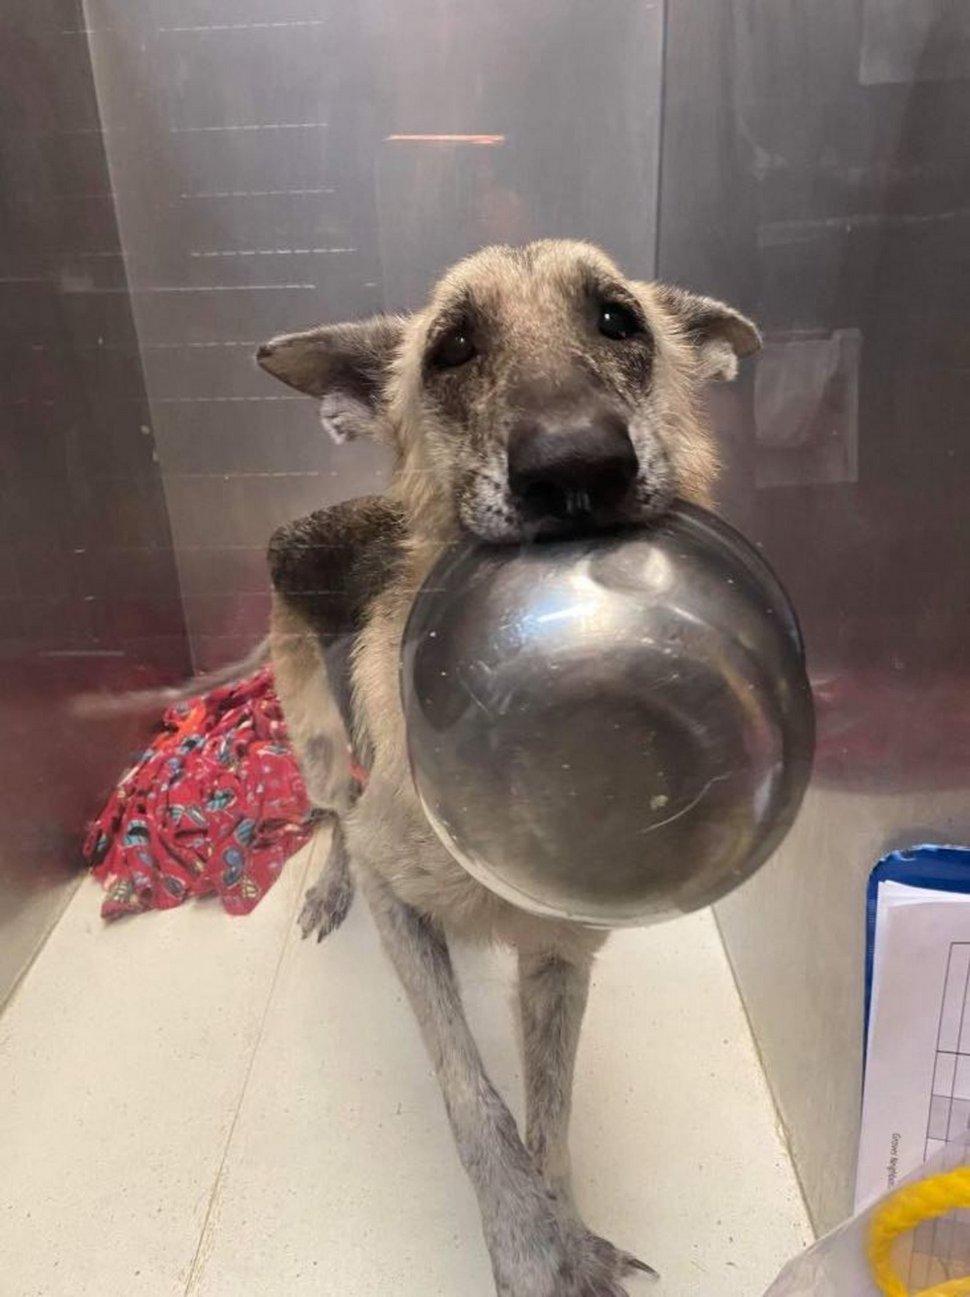 Cette chienne secourue a trouvé un truc adorable pour se faire remarquer